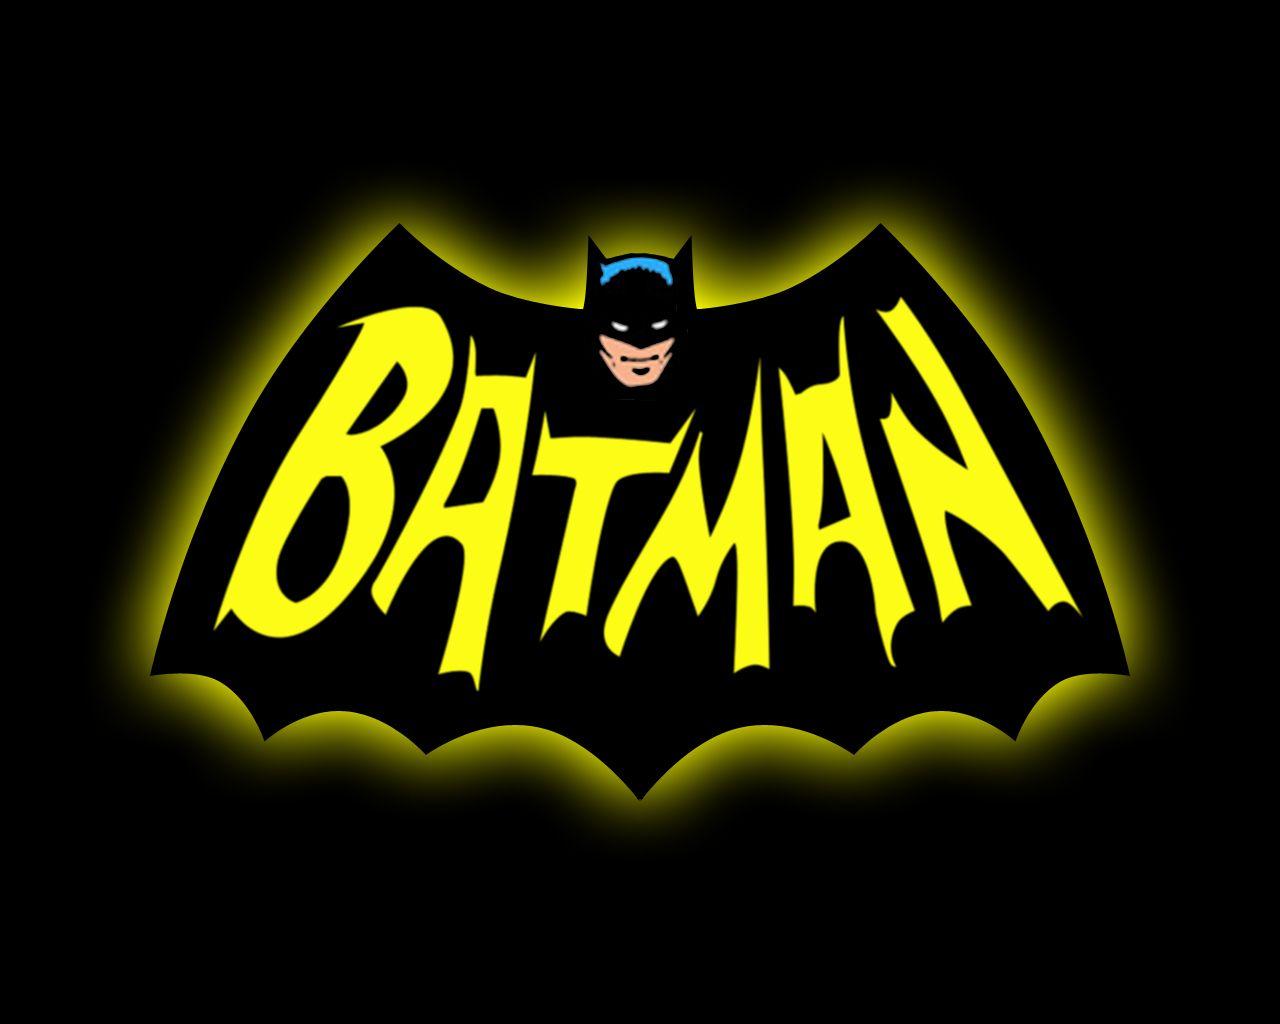 Adam West Batmobile Wallpaper